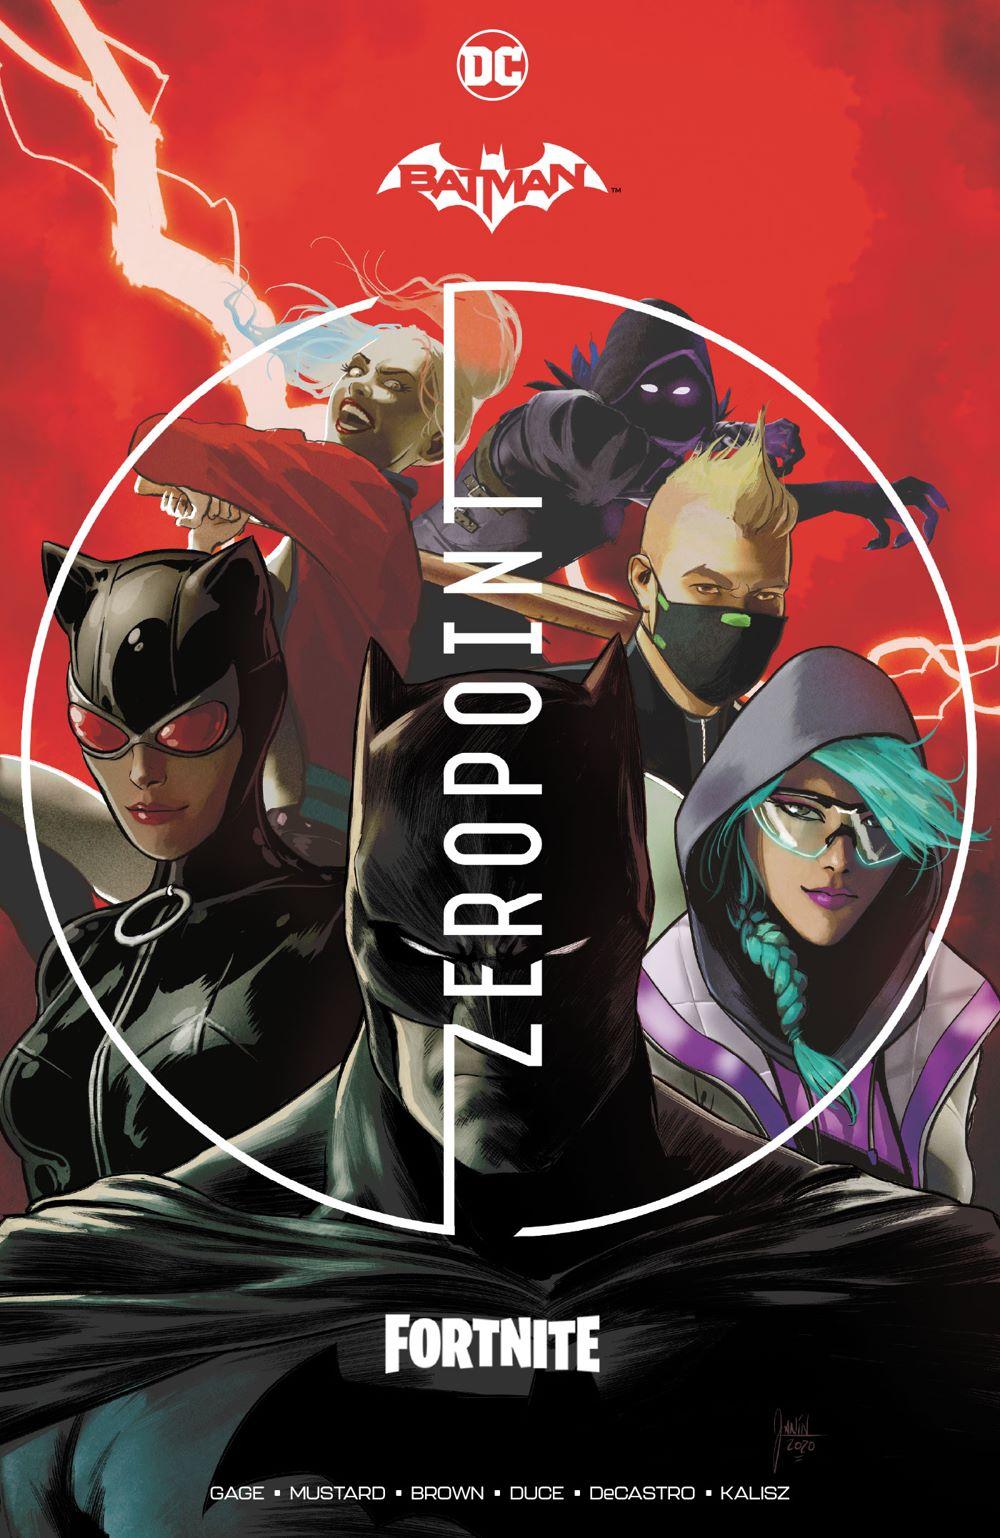 batmanfortnitezeropoint_adv DC Comics July 2021 Solicitations